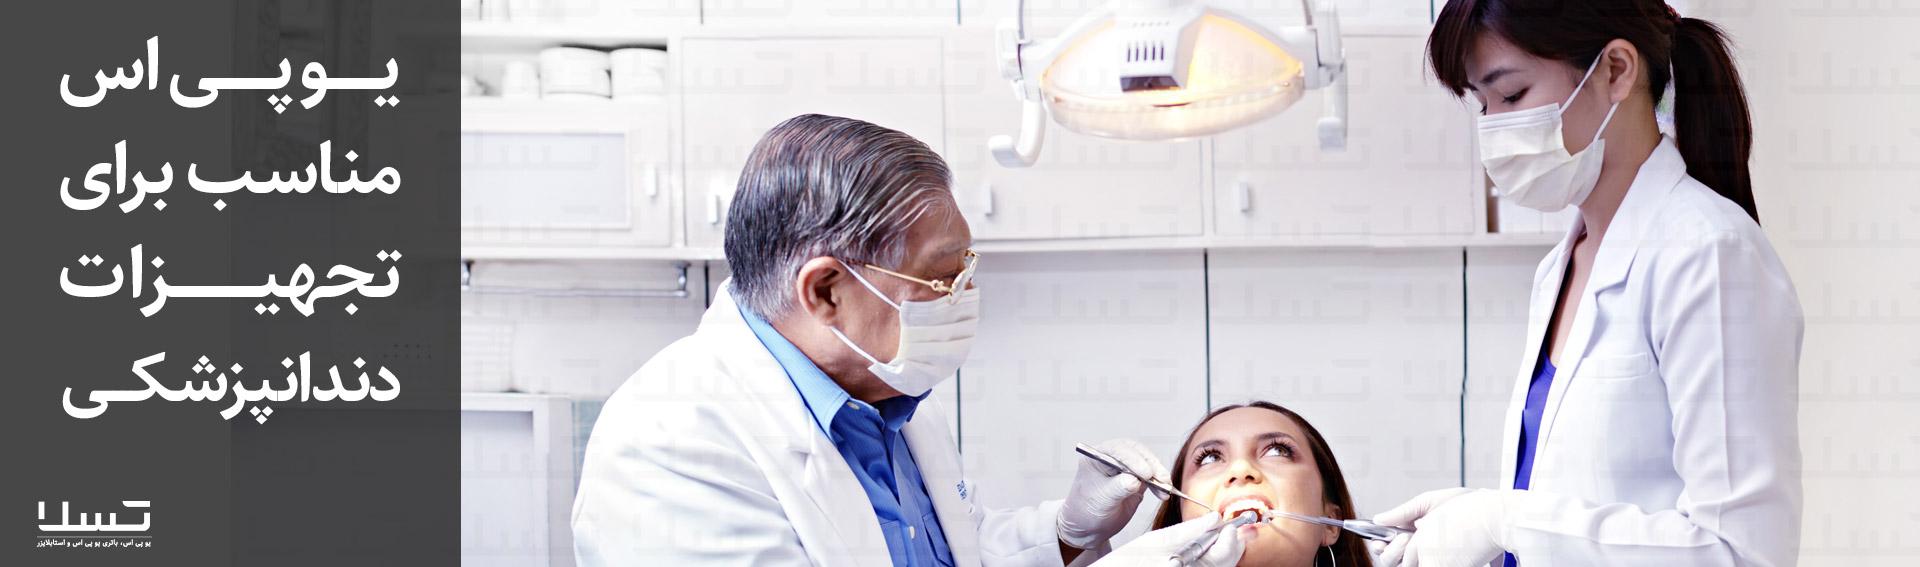 یو پی اس مناسب برای تجهیزات و یونیت دندان پزشکی